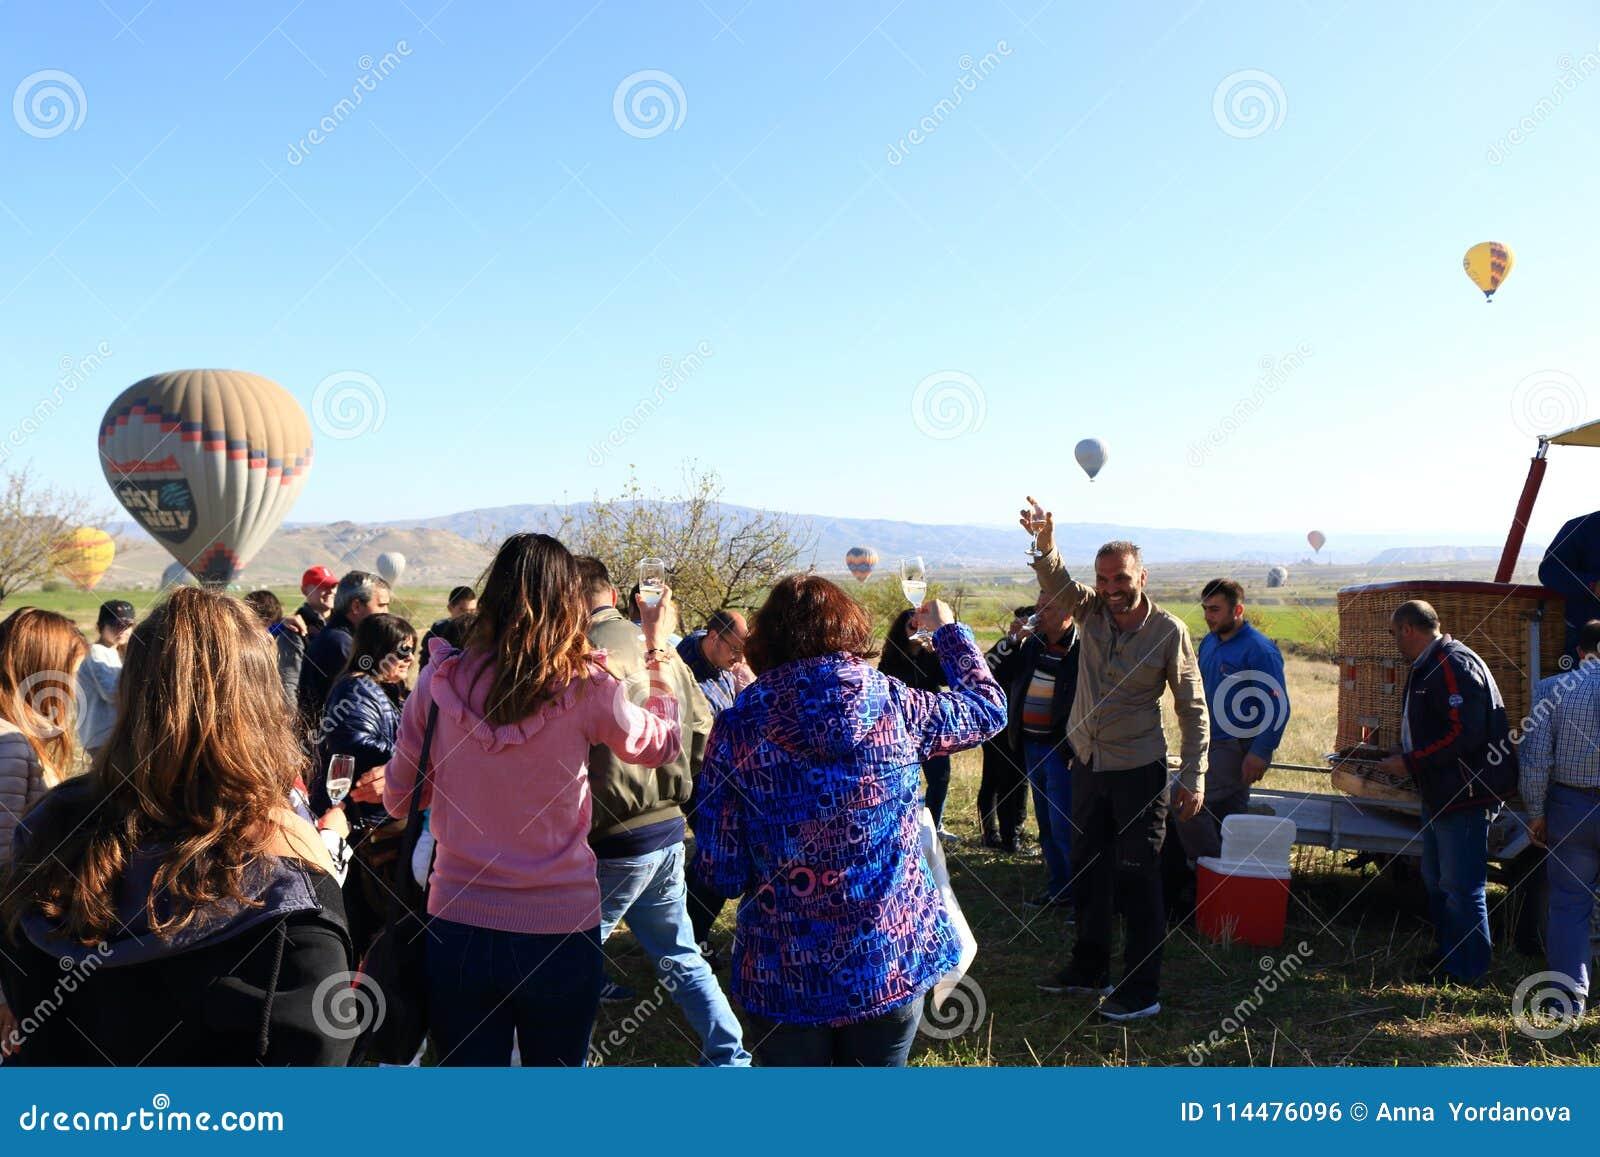 Les touristes heureux après ballon à air chaud voyagent Cappadocia Turquie